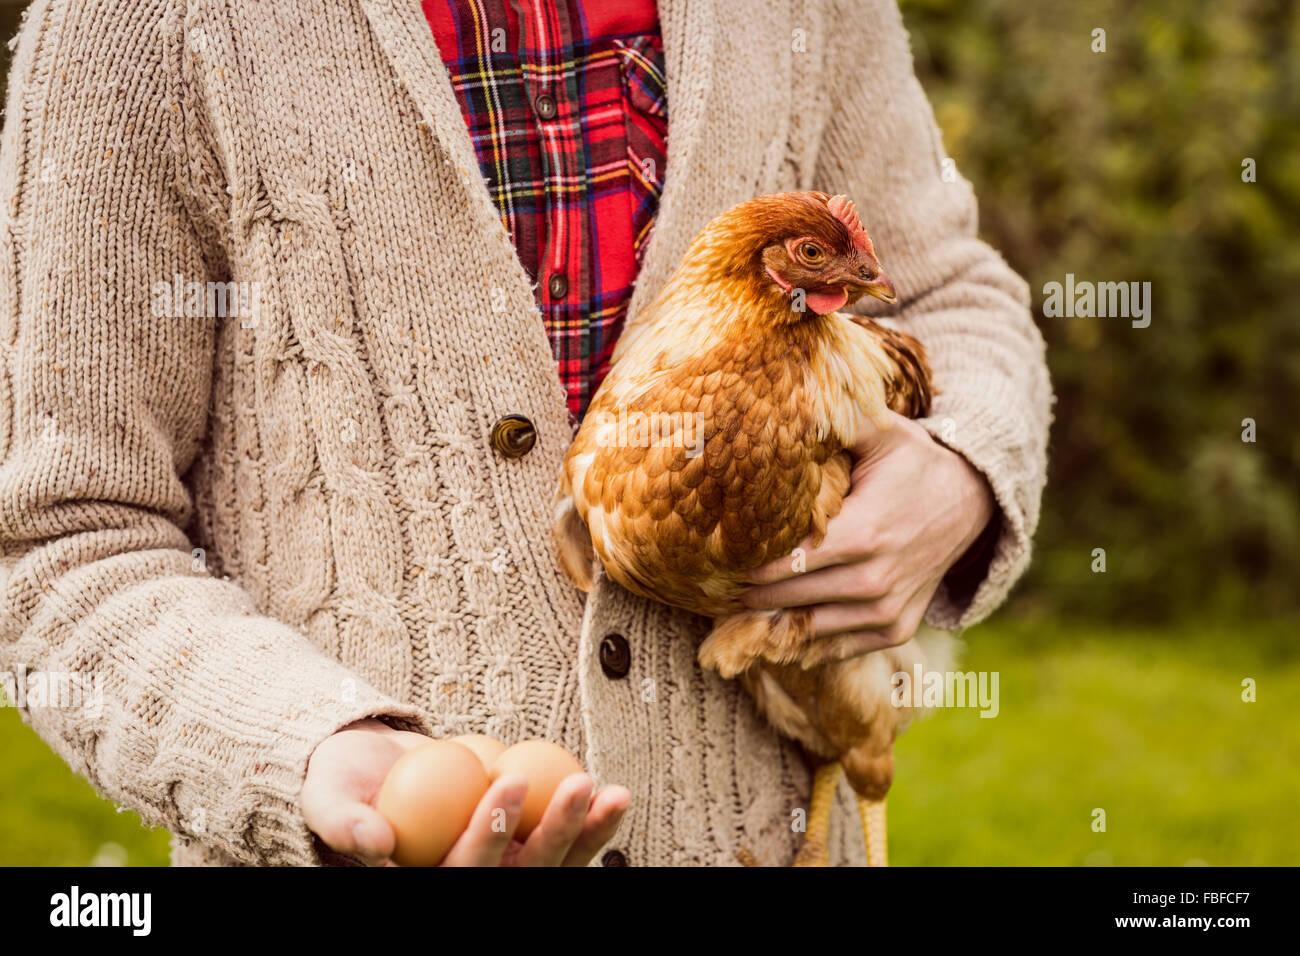 Hombre sujetando la gallina y el huevo Imagen De Stock